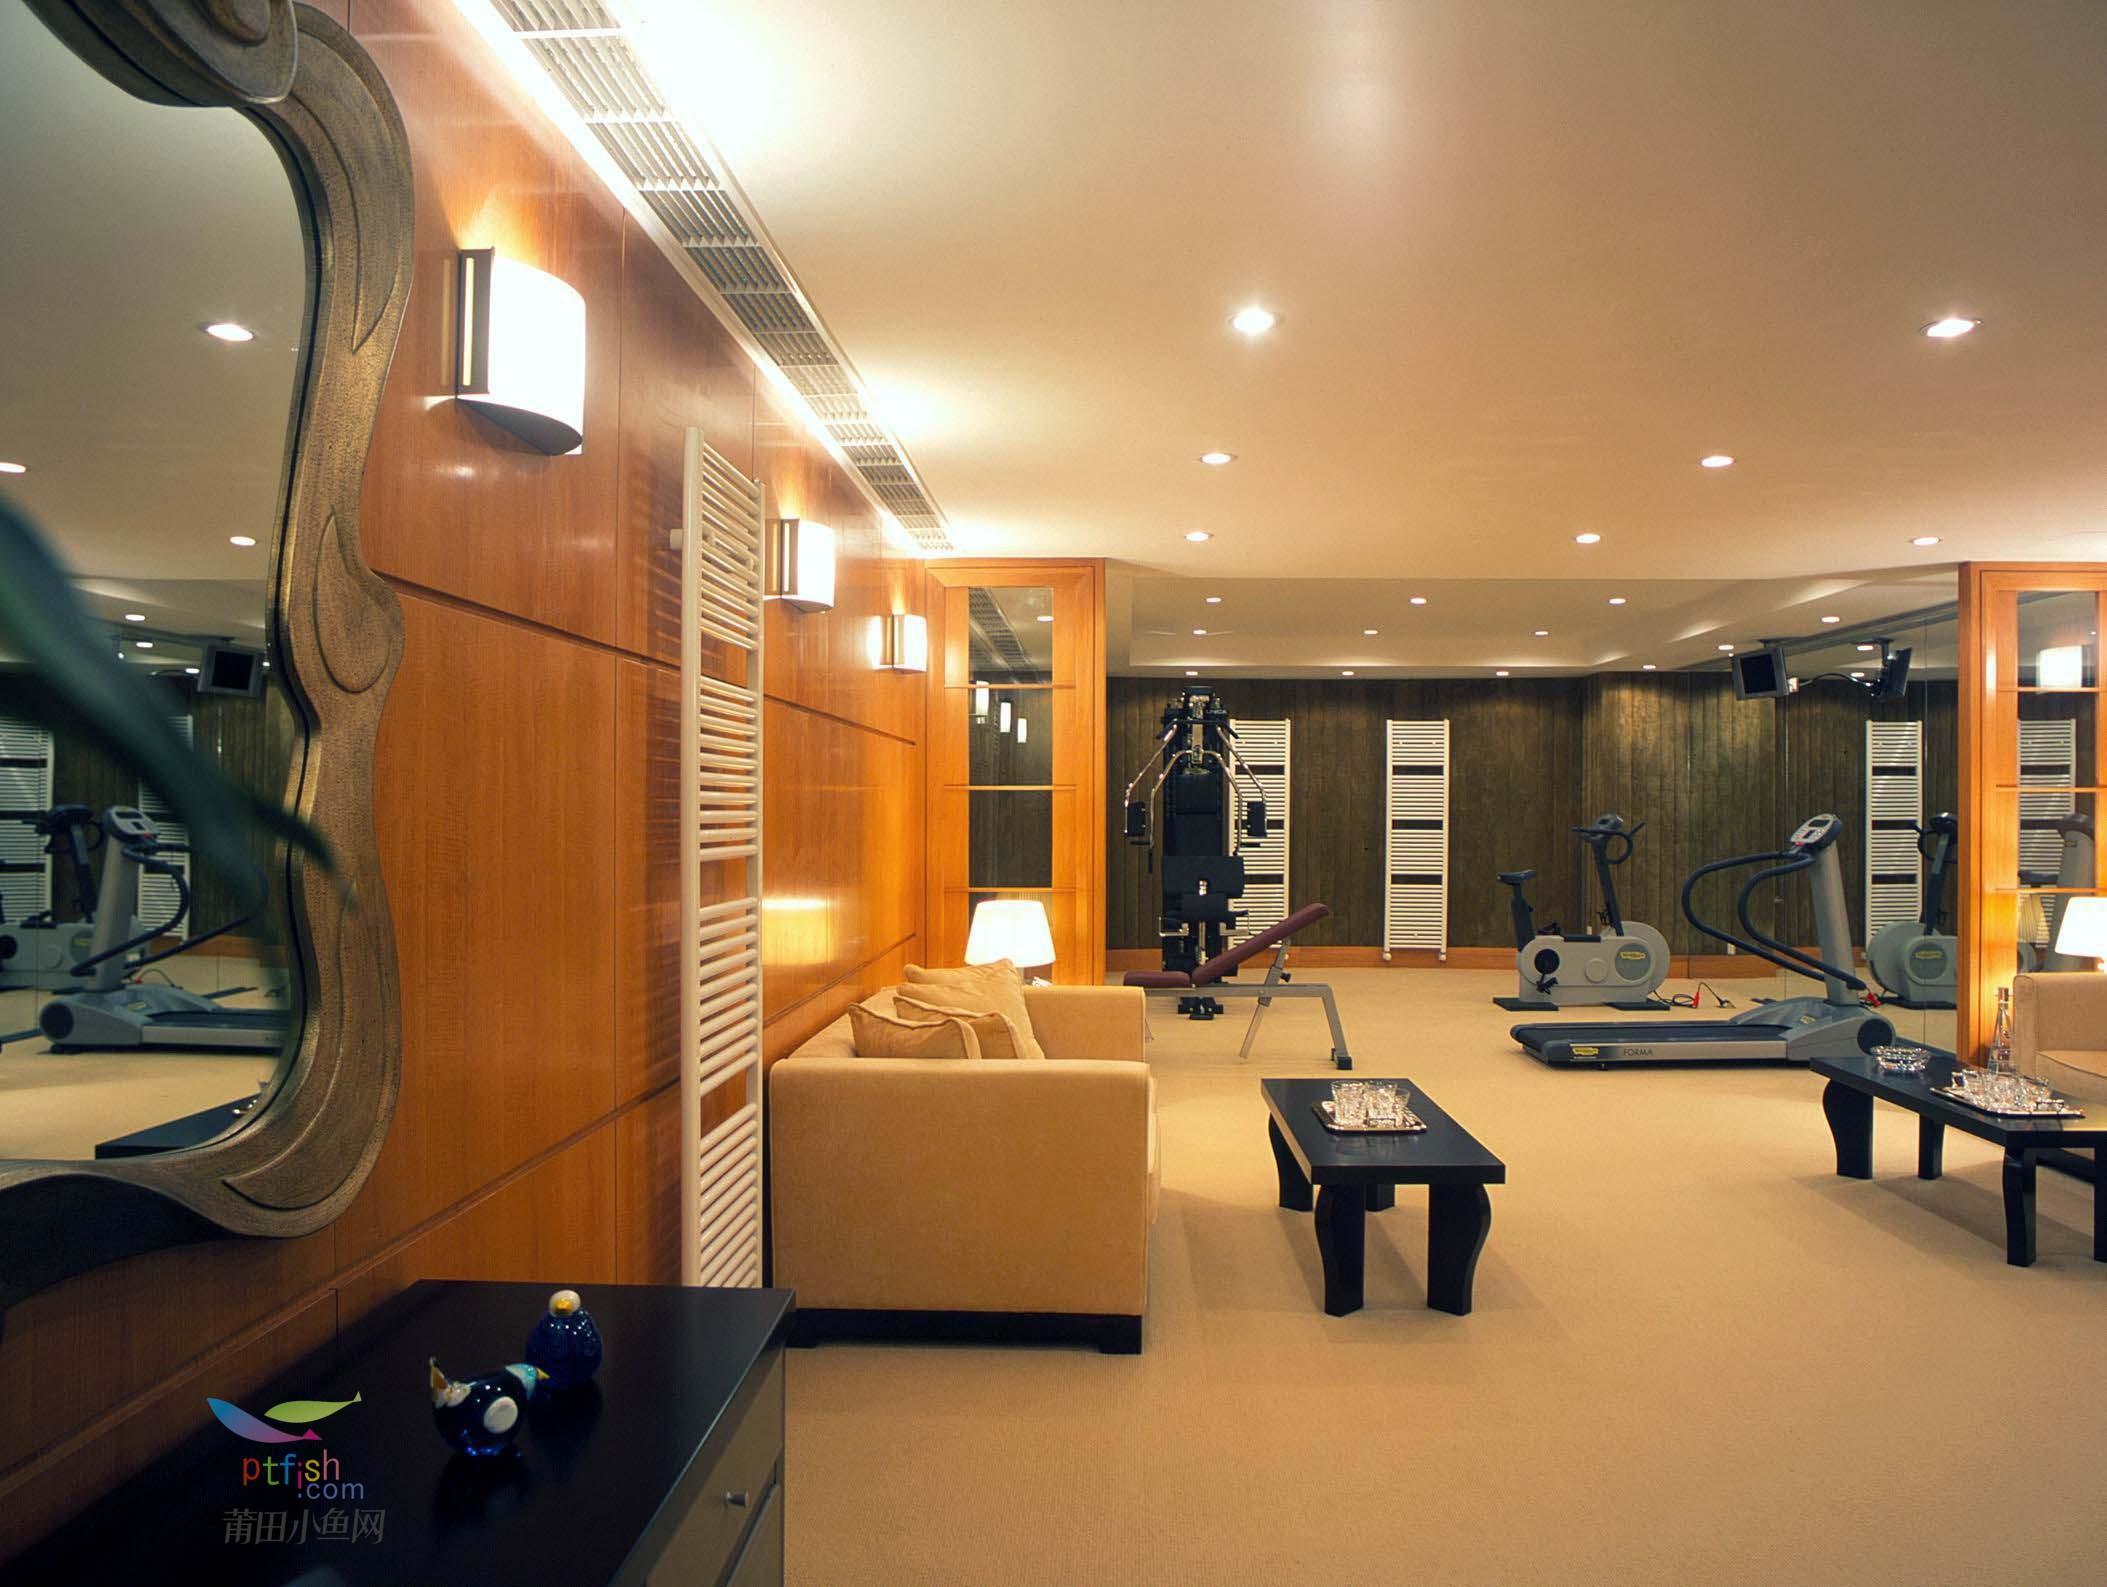 上海同济t6国际设计装饰联排别墅样板房实景照片